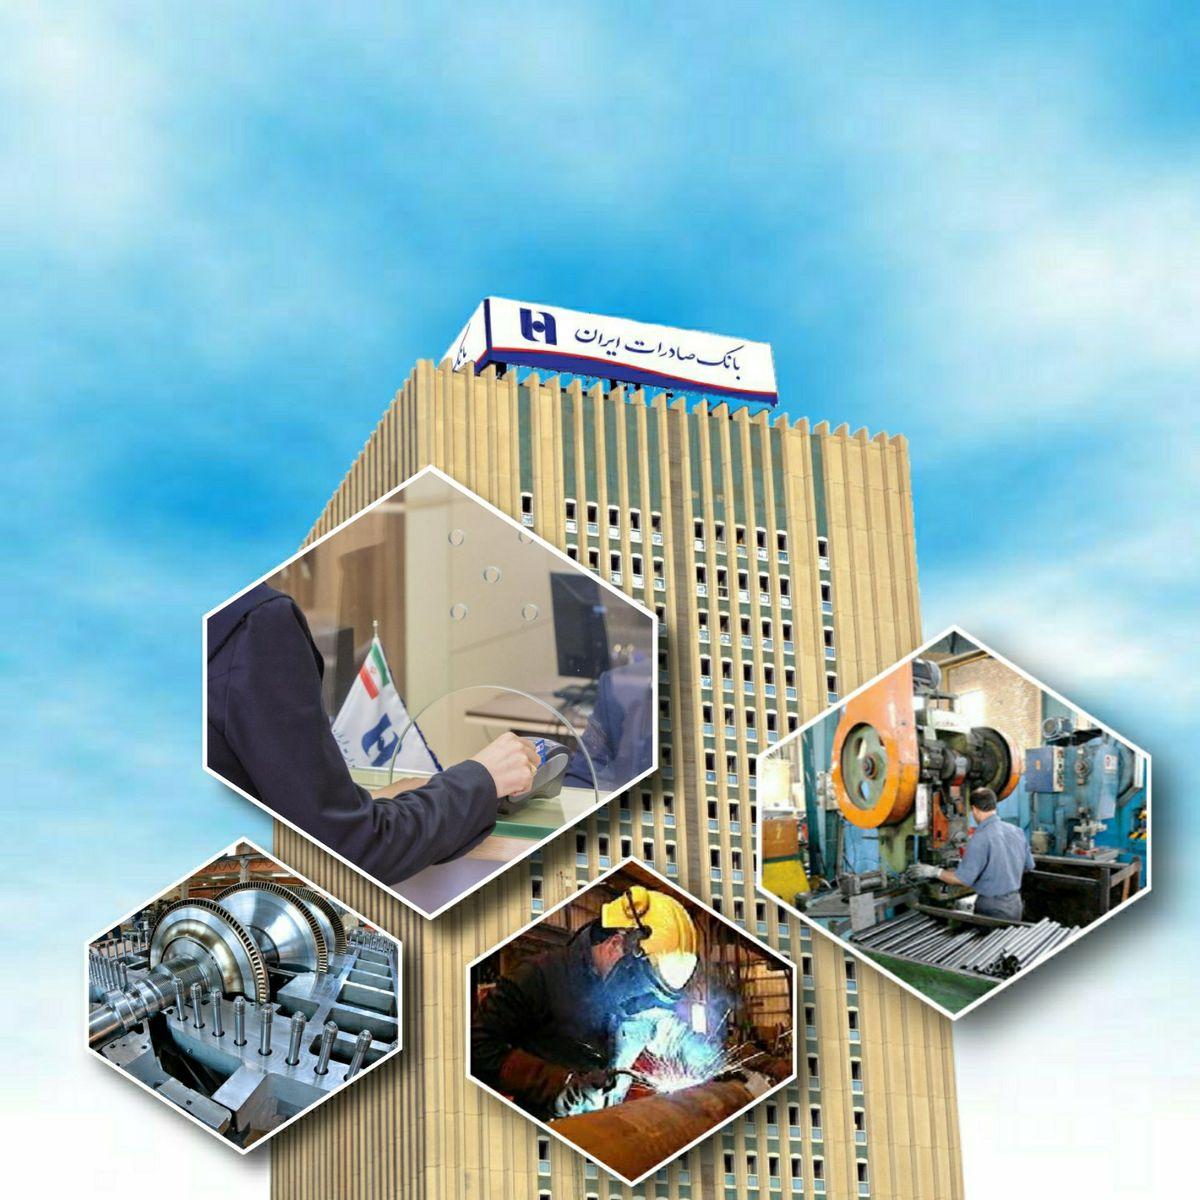 قدردانی استاندار البرز از بانک صادرات ایران بابت تأمین مالی بنگاههای کوچک و متوسط